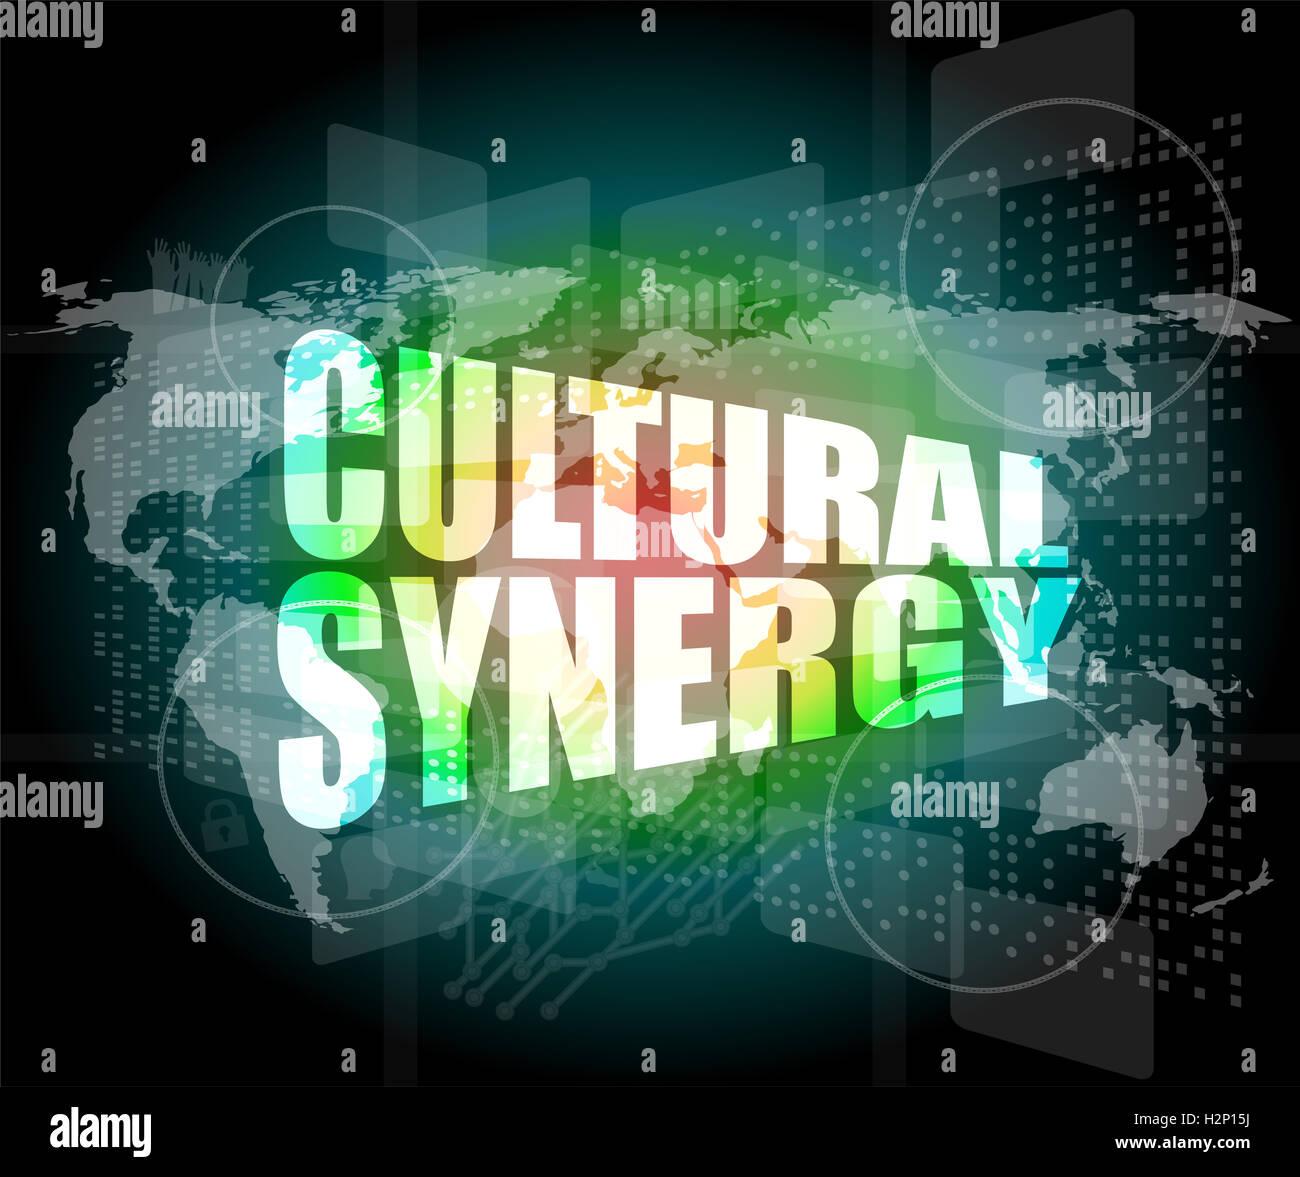 Sinergia cultural palabras en pantalla digital con mapa del mundo Imagen De Stock